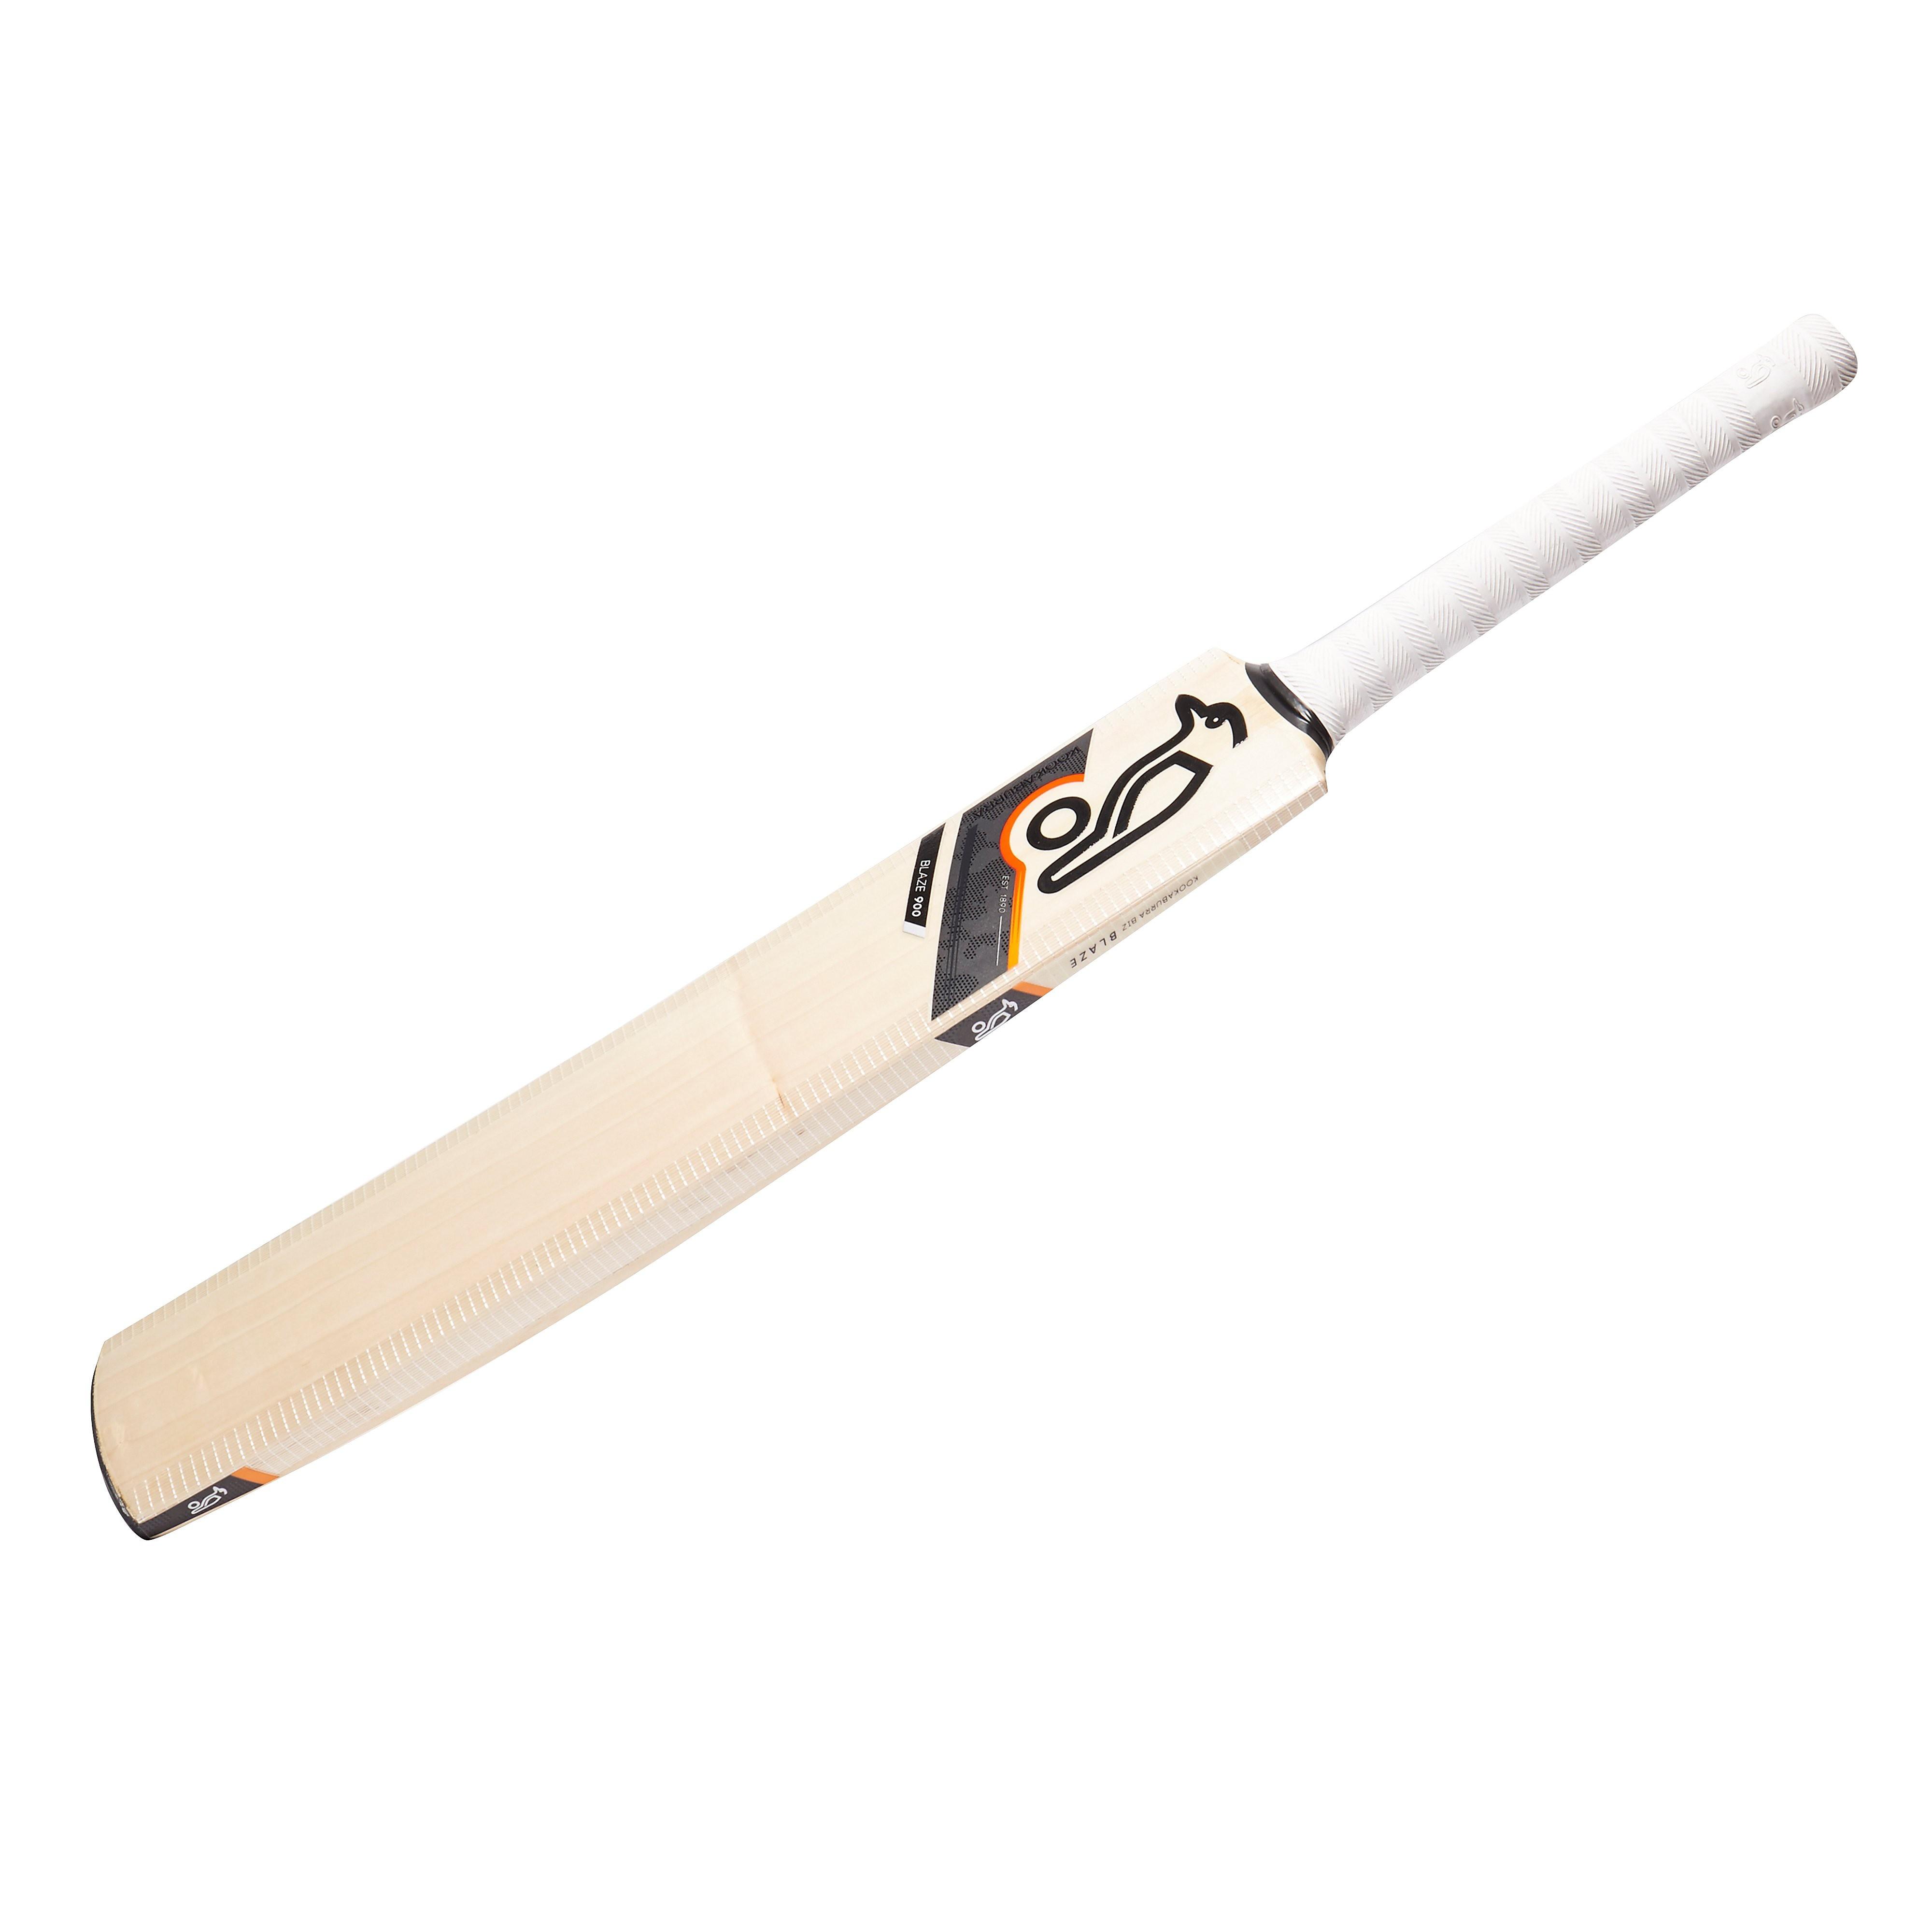 Kookaburra Blaze 900 Junior Cricket Bat